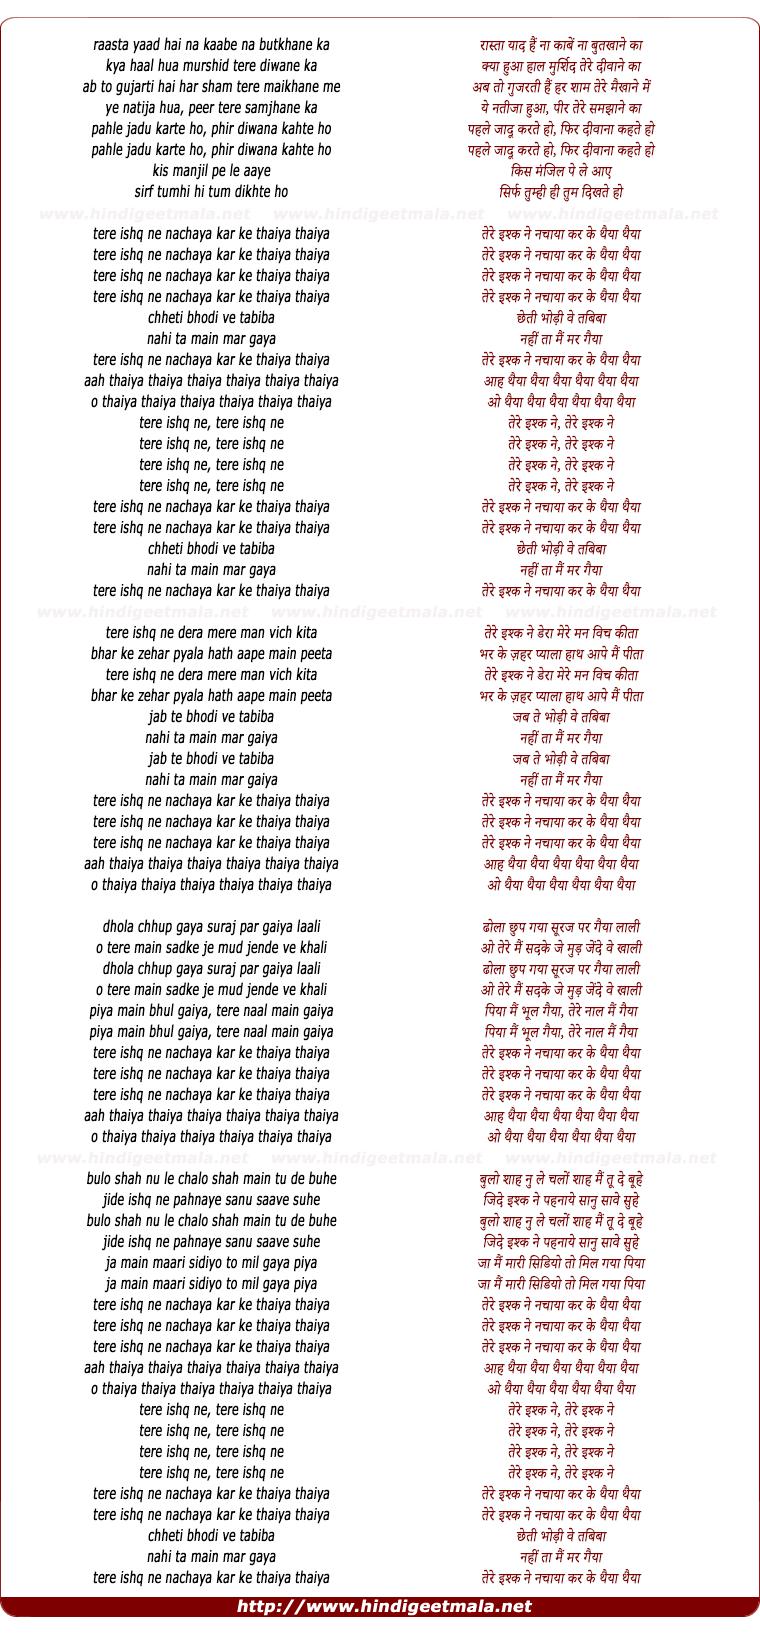 lyrics of song Tere Ishq Nachaaya